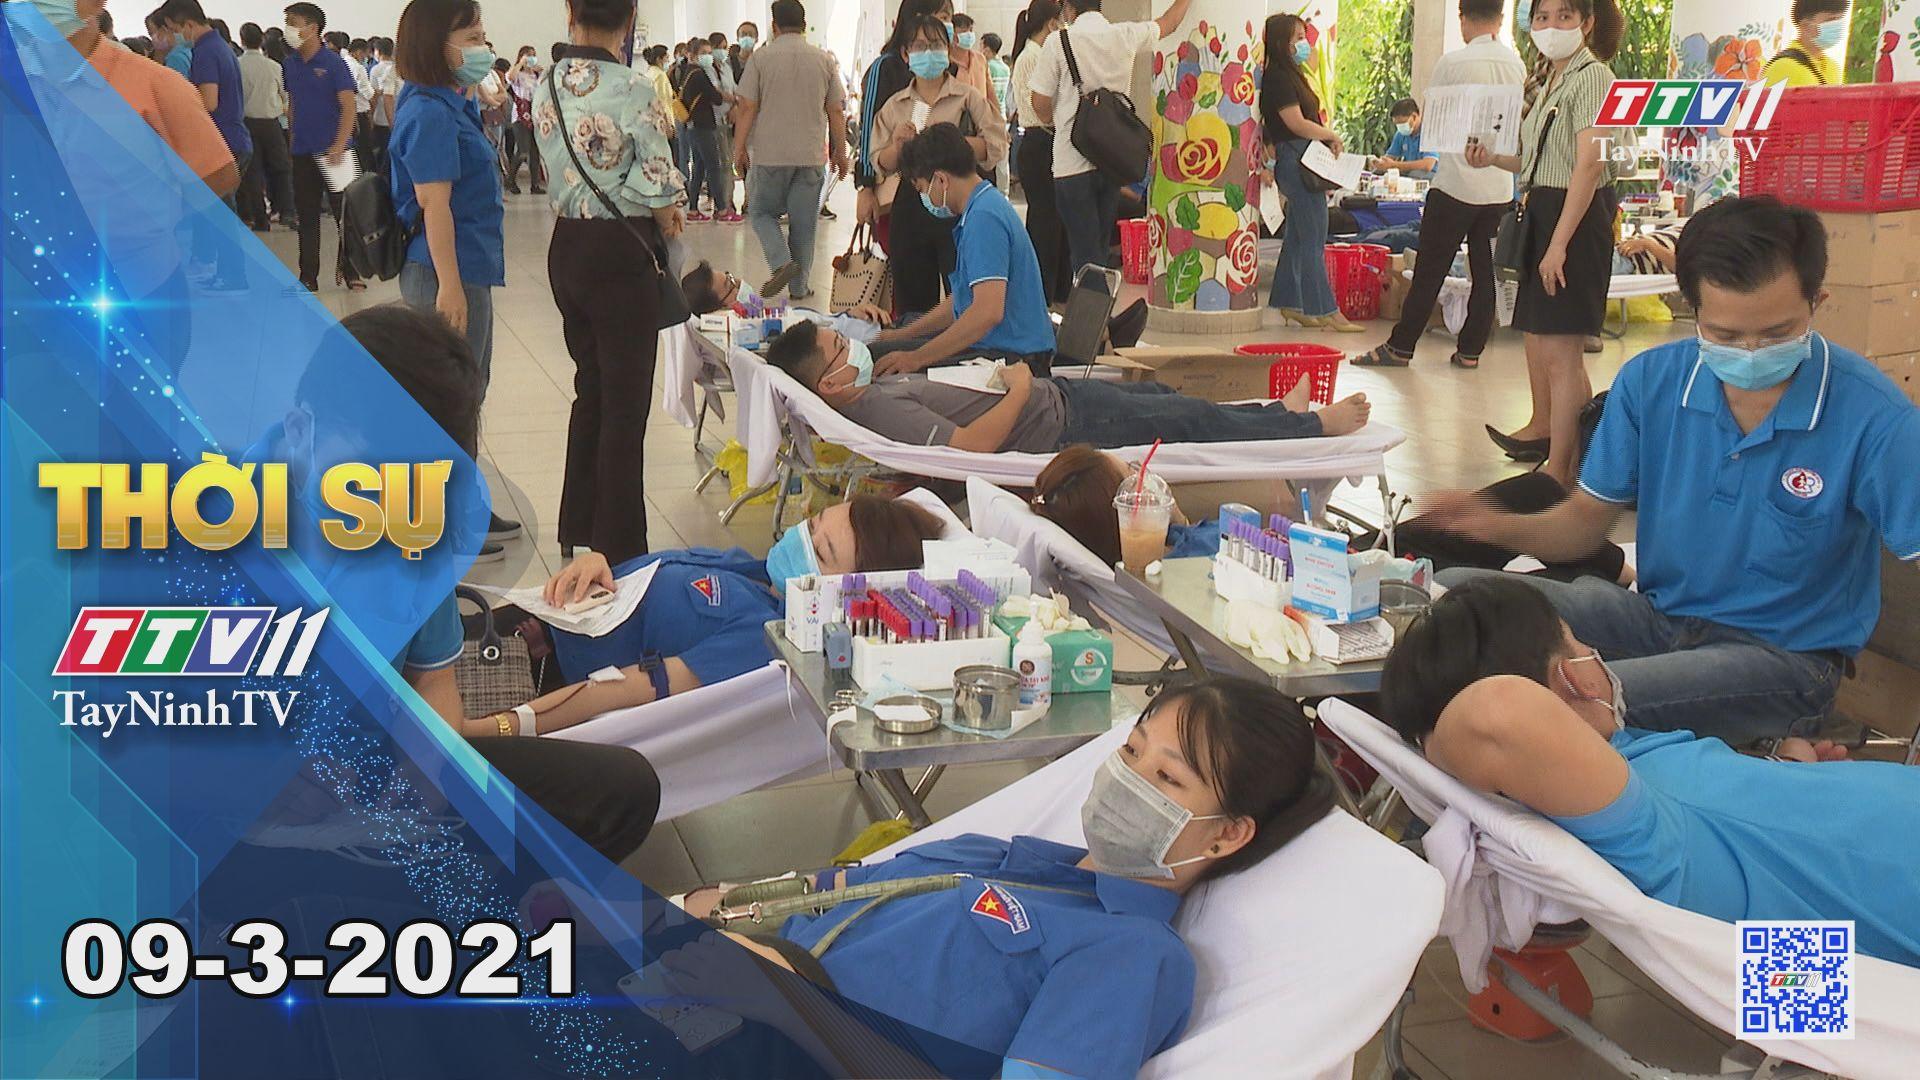 Thời sự Tây Ninh 09-3-2021 | Tin tức hôm nay | TayNinhTV